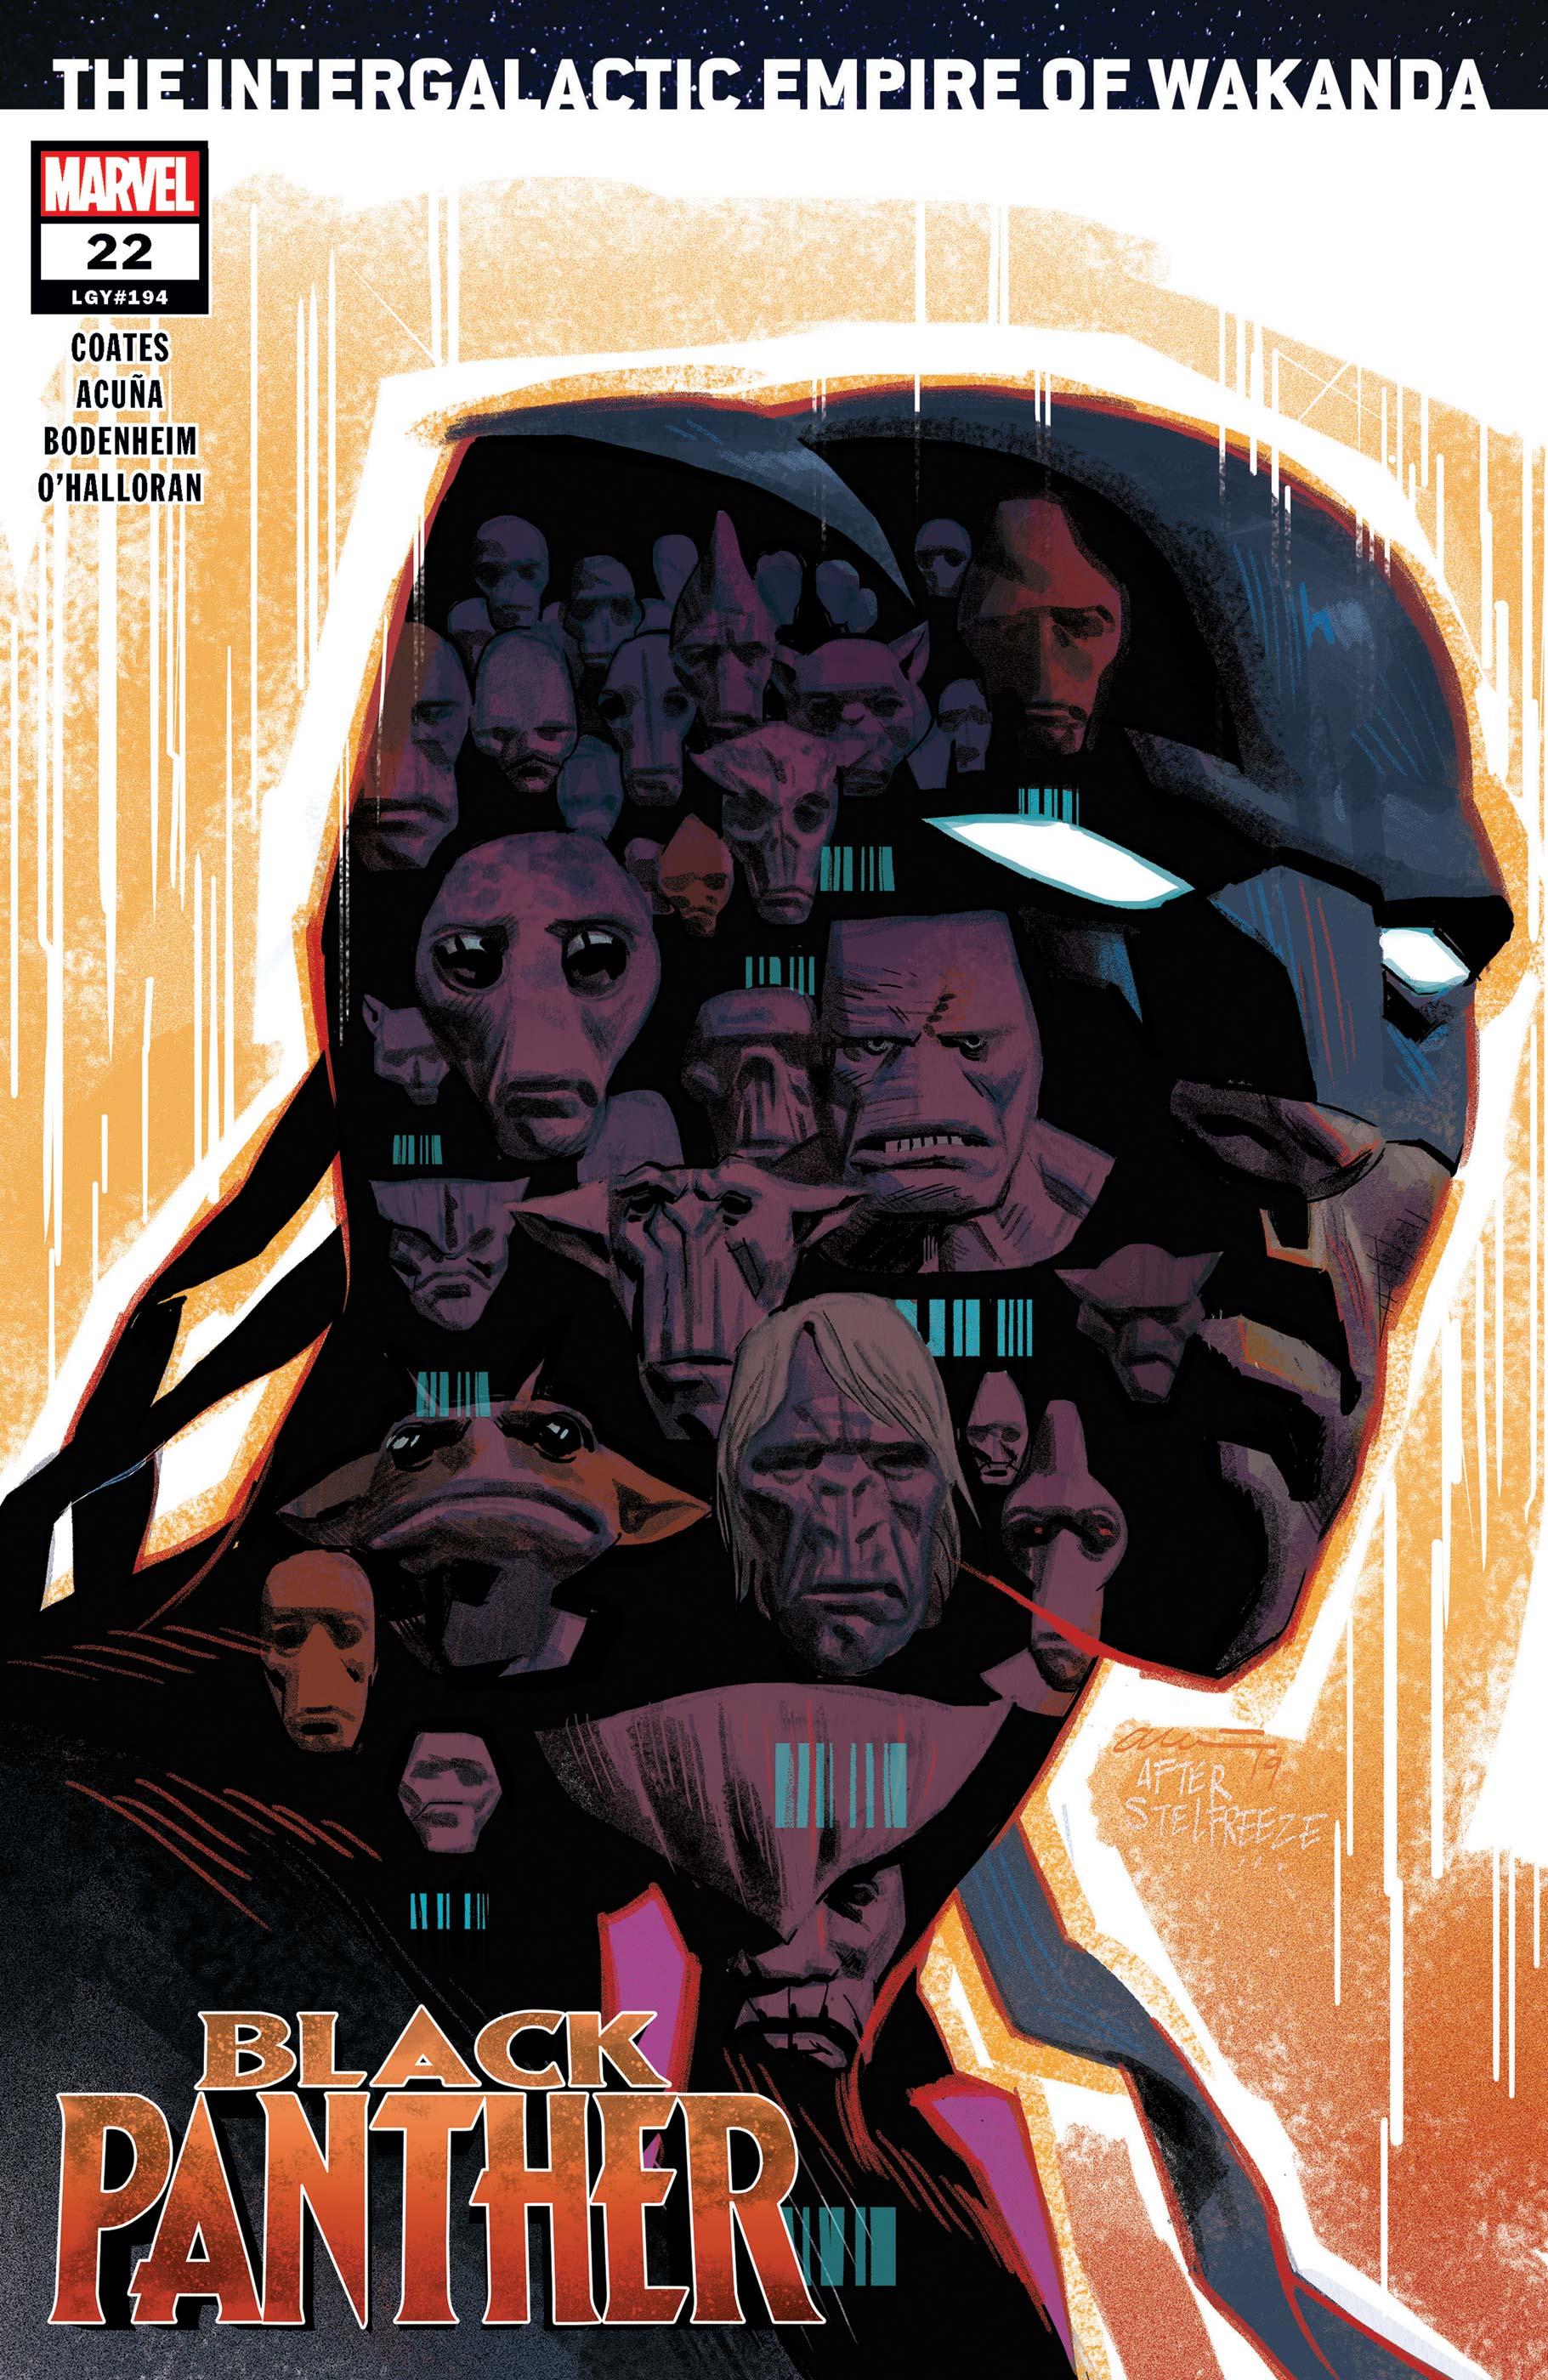 Black Panther (2018) #22